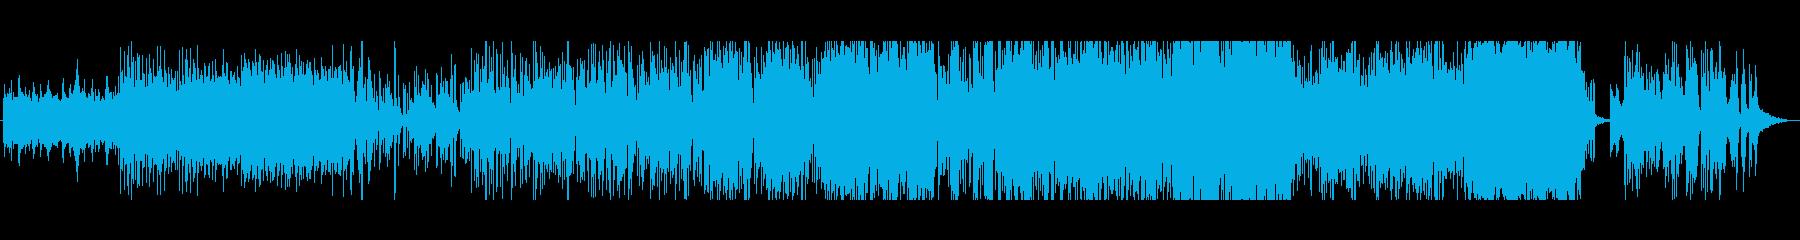 雅楽っぽい雰囲気 移り変わる奇妙な音楽の再生済みの波形